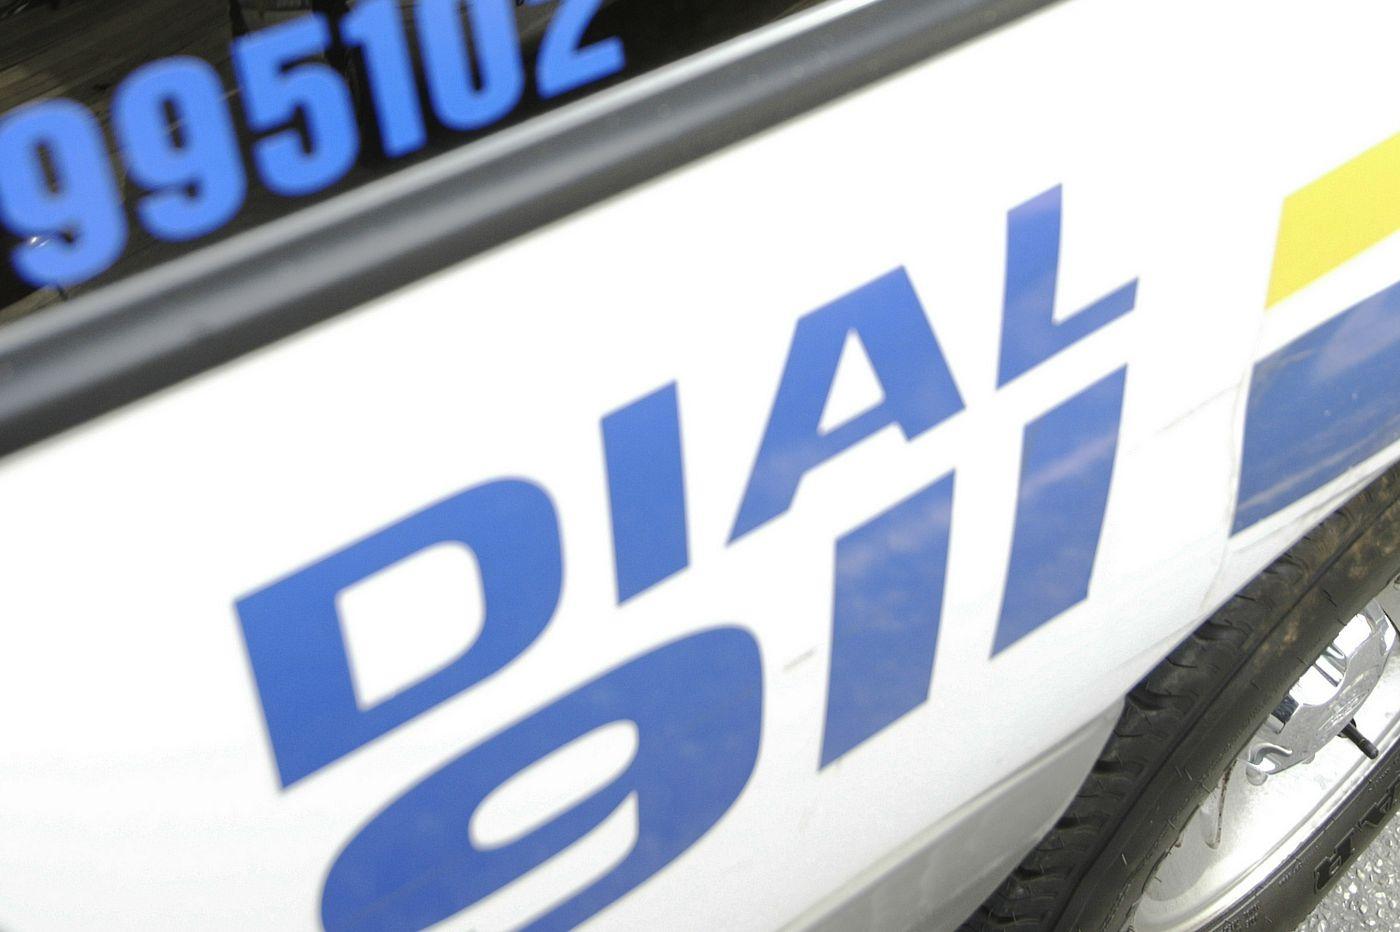 Triple shooting in Kensington leaves one dead